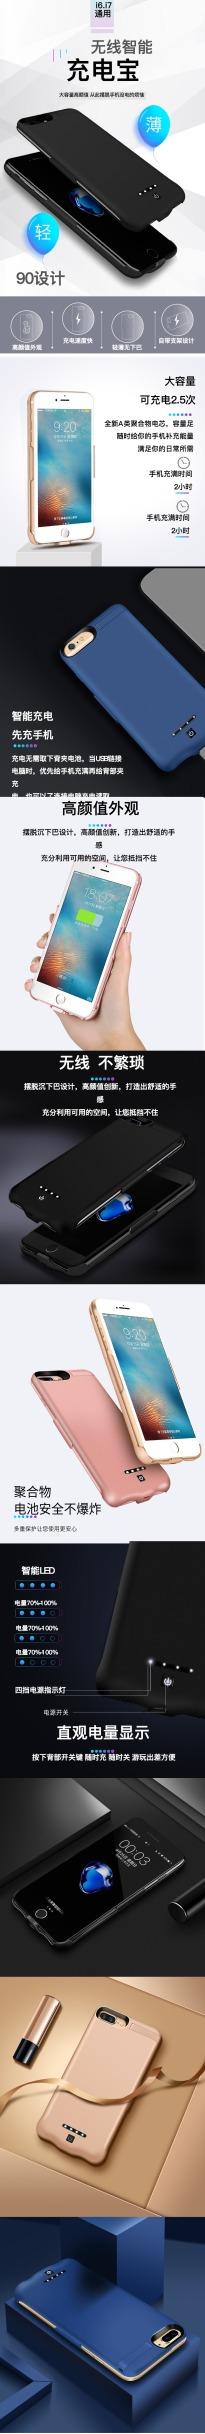 扁平简约时尚手机壳充电宝电商详情图